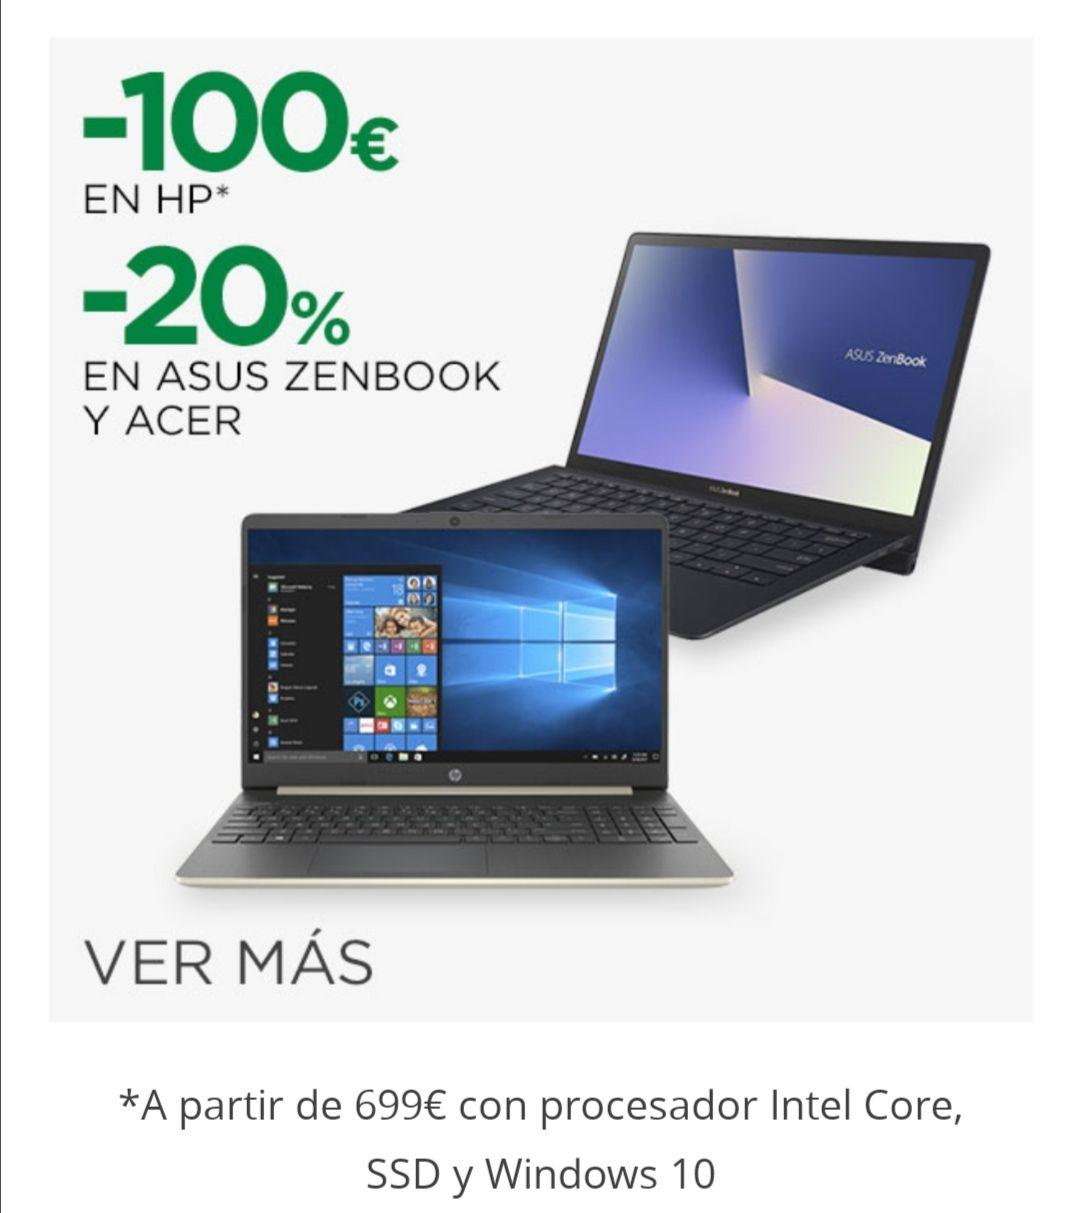 20% en Asus Zeenbook y Acer Portátiles y Monitores, y - 100€ en HP